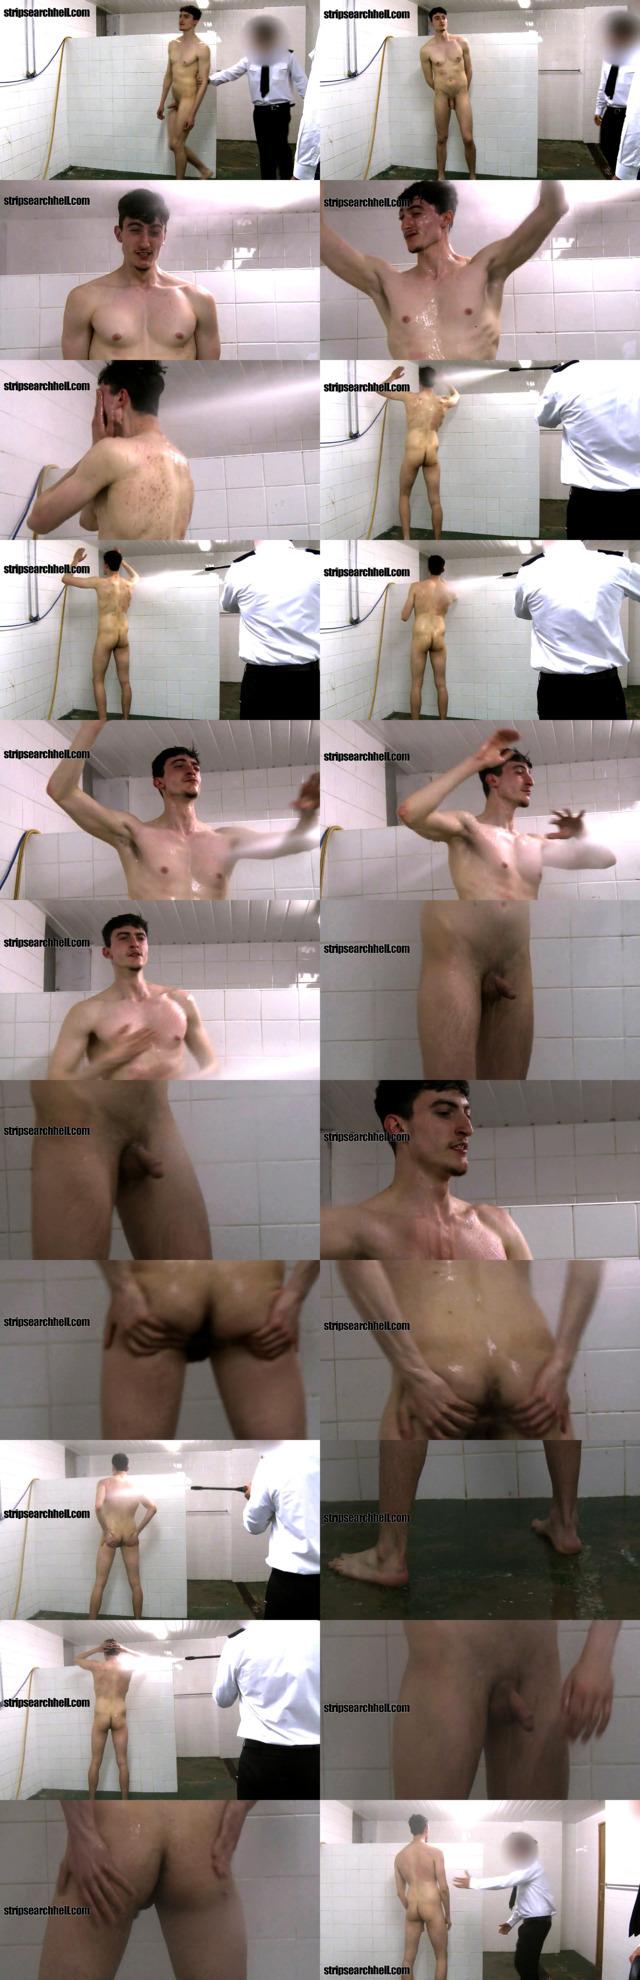 prisoner shower after strip search